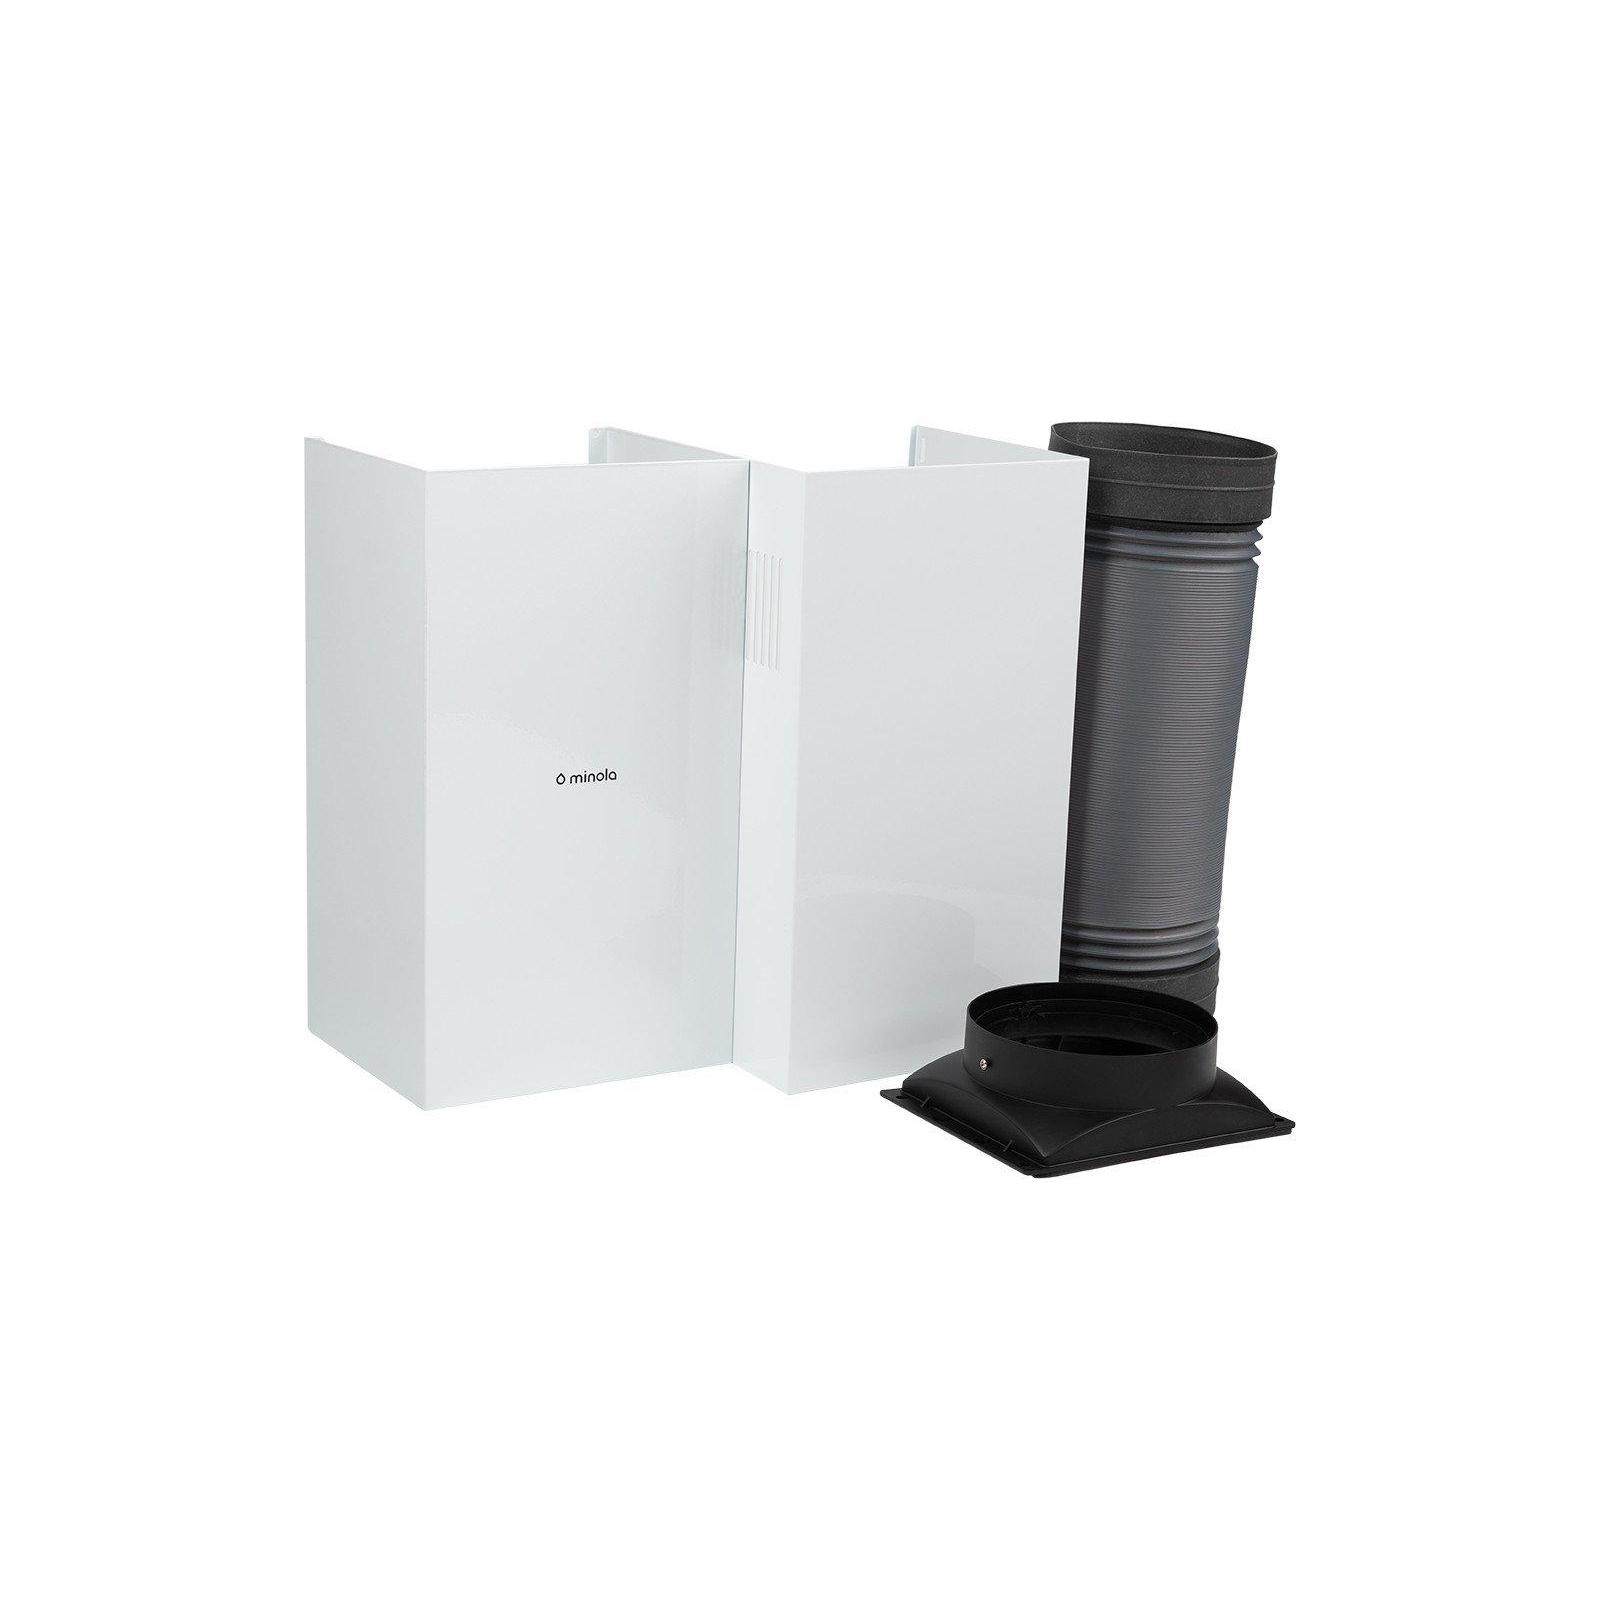 Вытяжка кухонная MINOLA HVS 6682 WH 1000 LED изображение 7